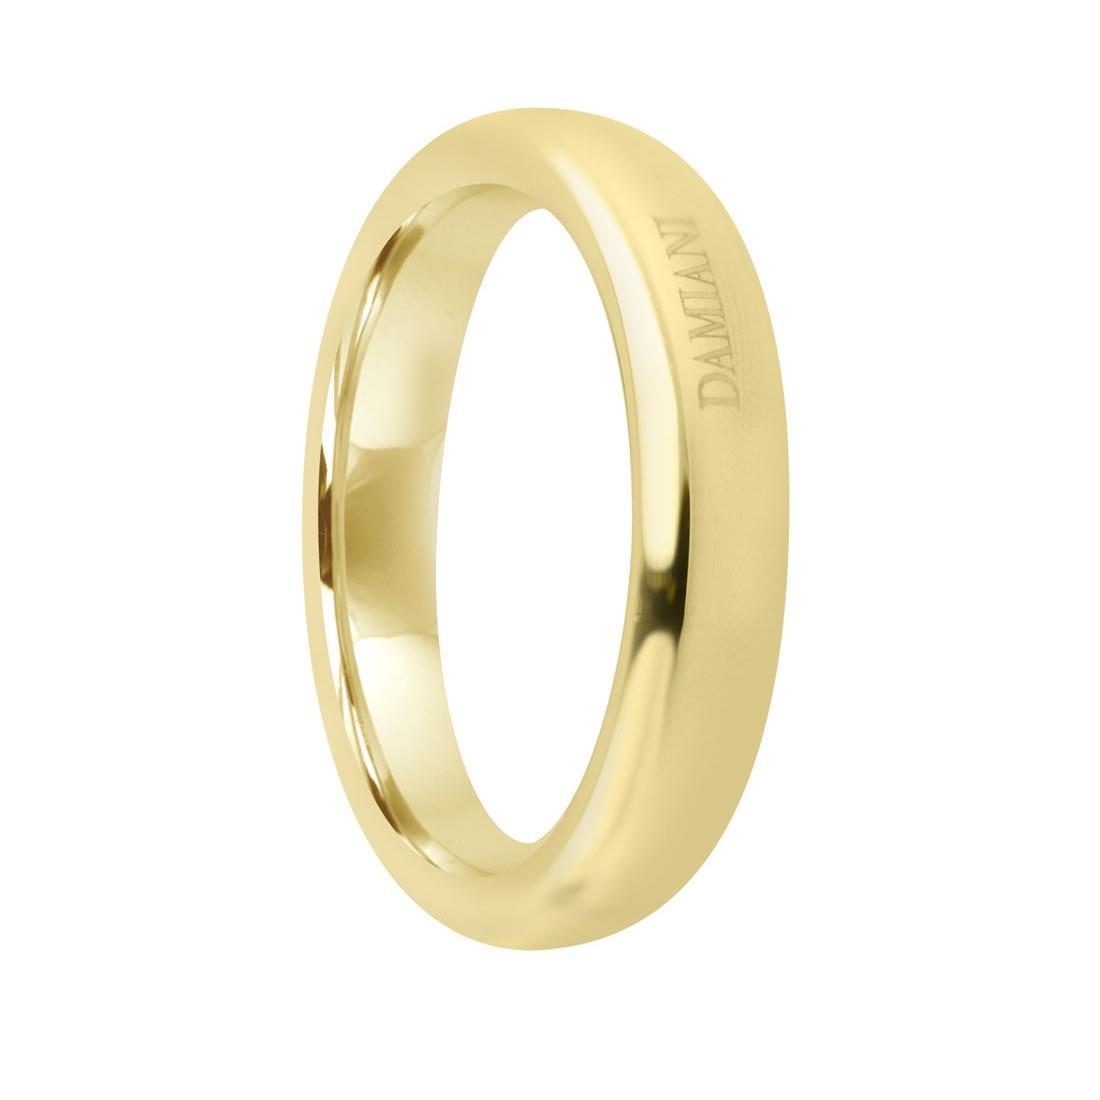 Anello fede 3mm in oro rosa con diamante ct 0.01, misura 13 - DAMIANI